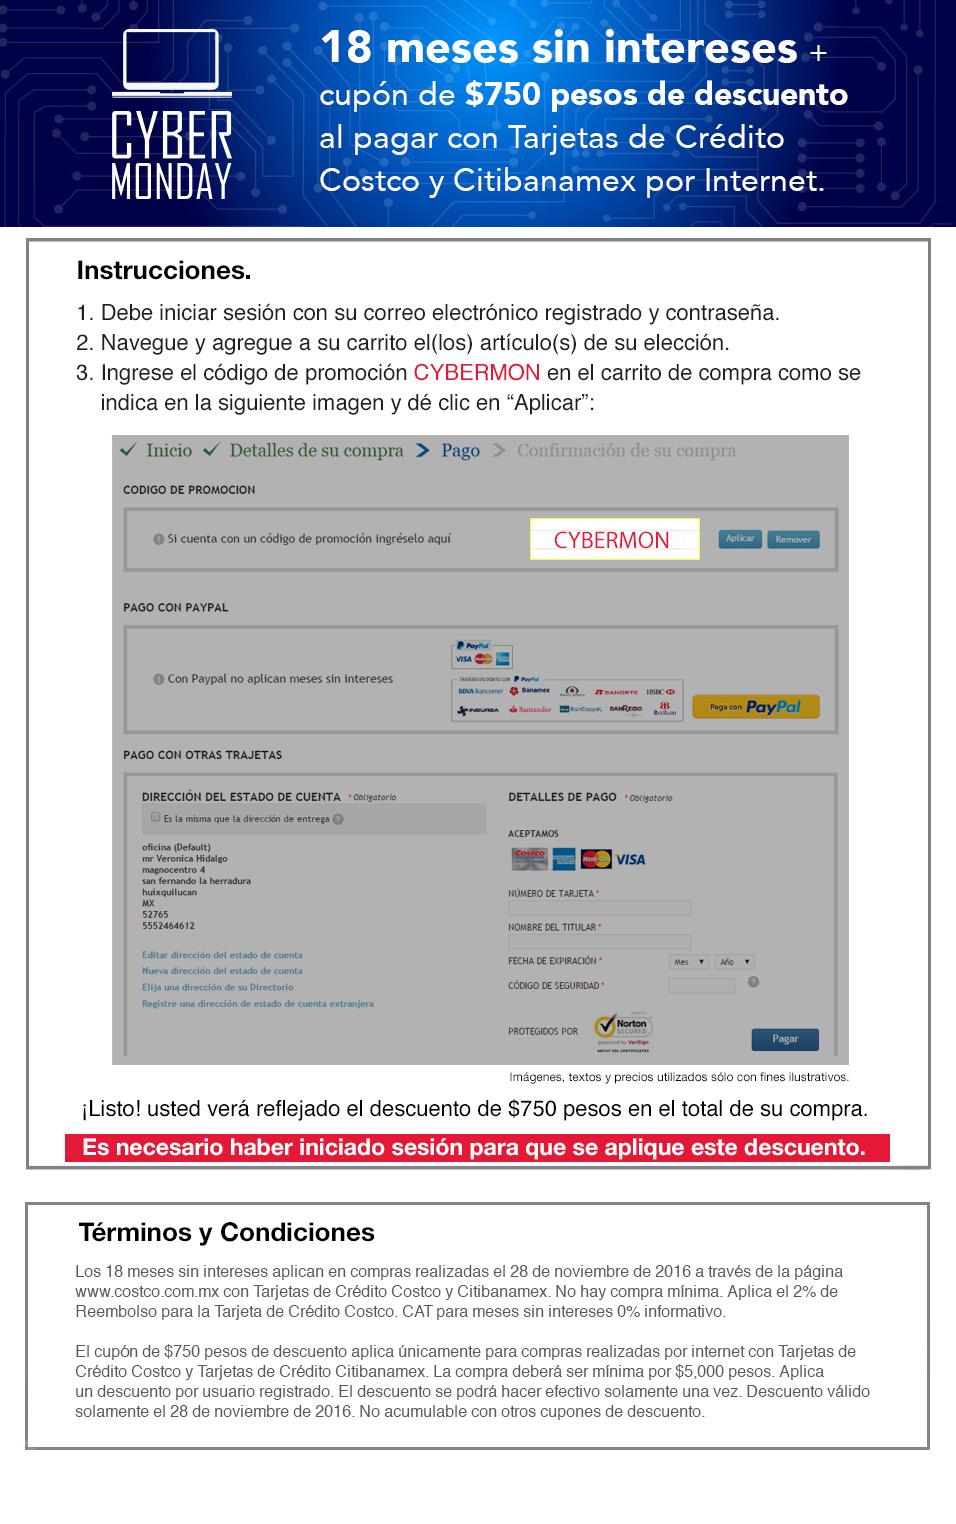 Cyber Monday 2016 Costco: $750.00 de descuento en compras de 5 mil o más + 18 meses sin intereses